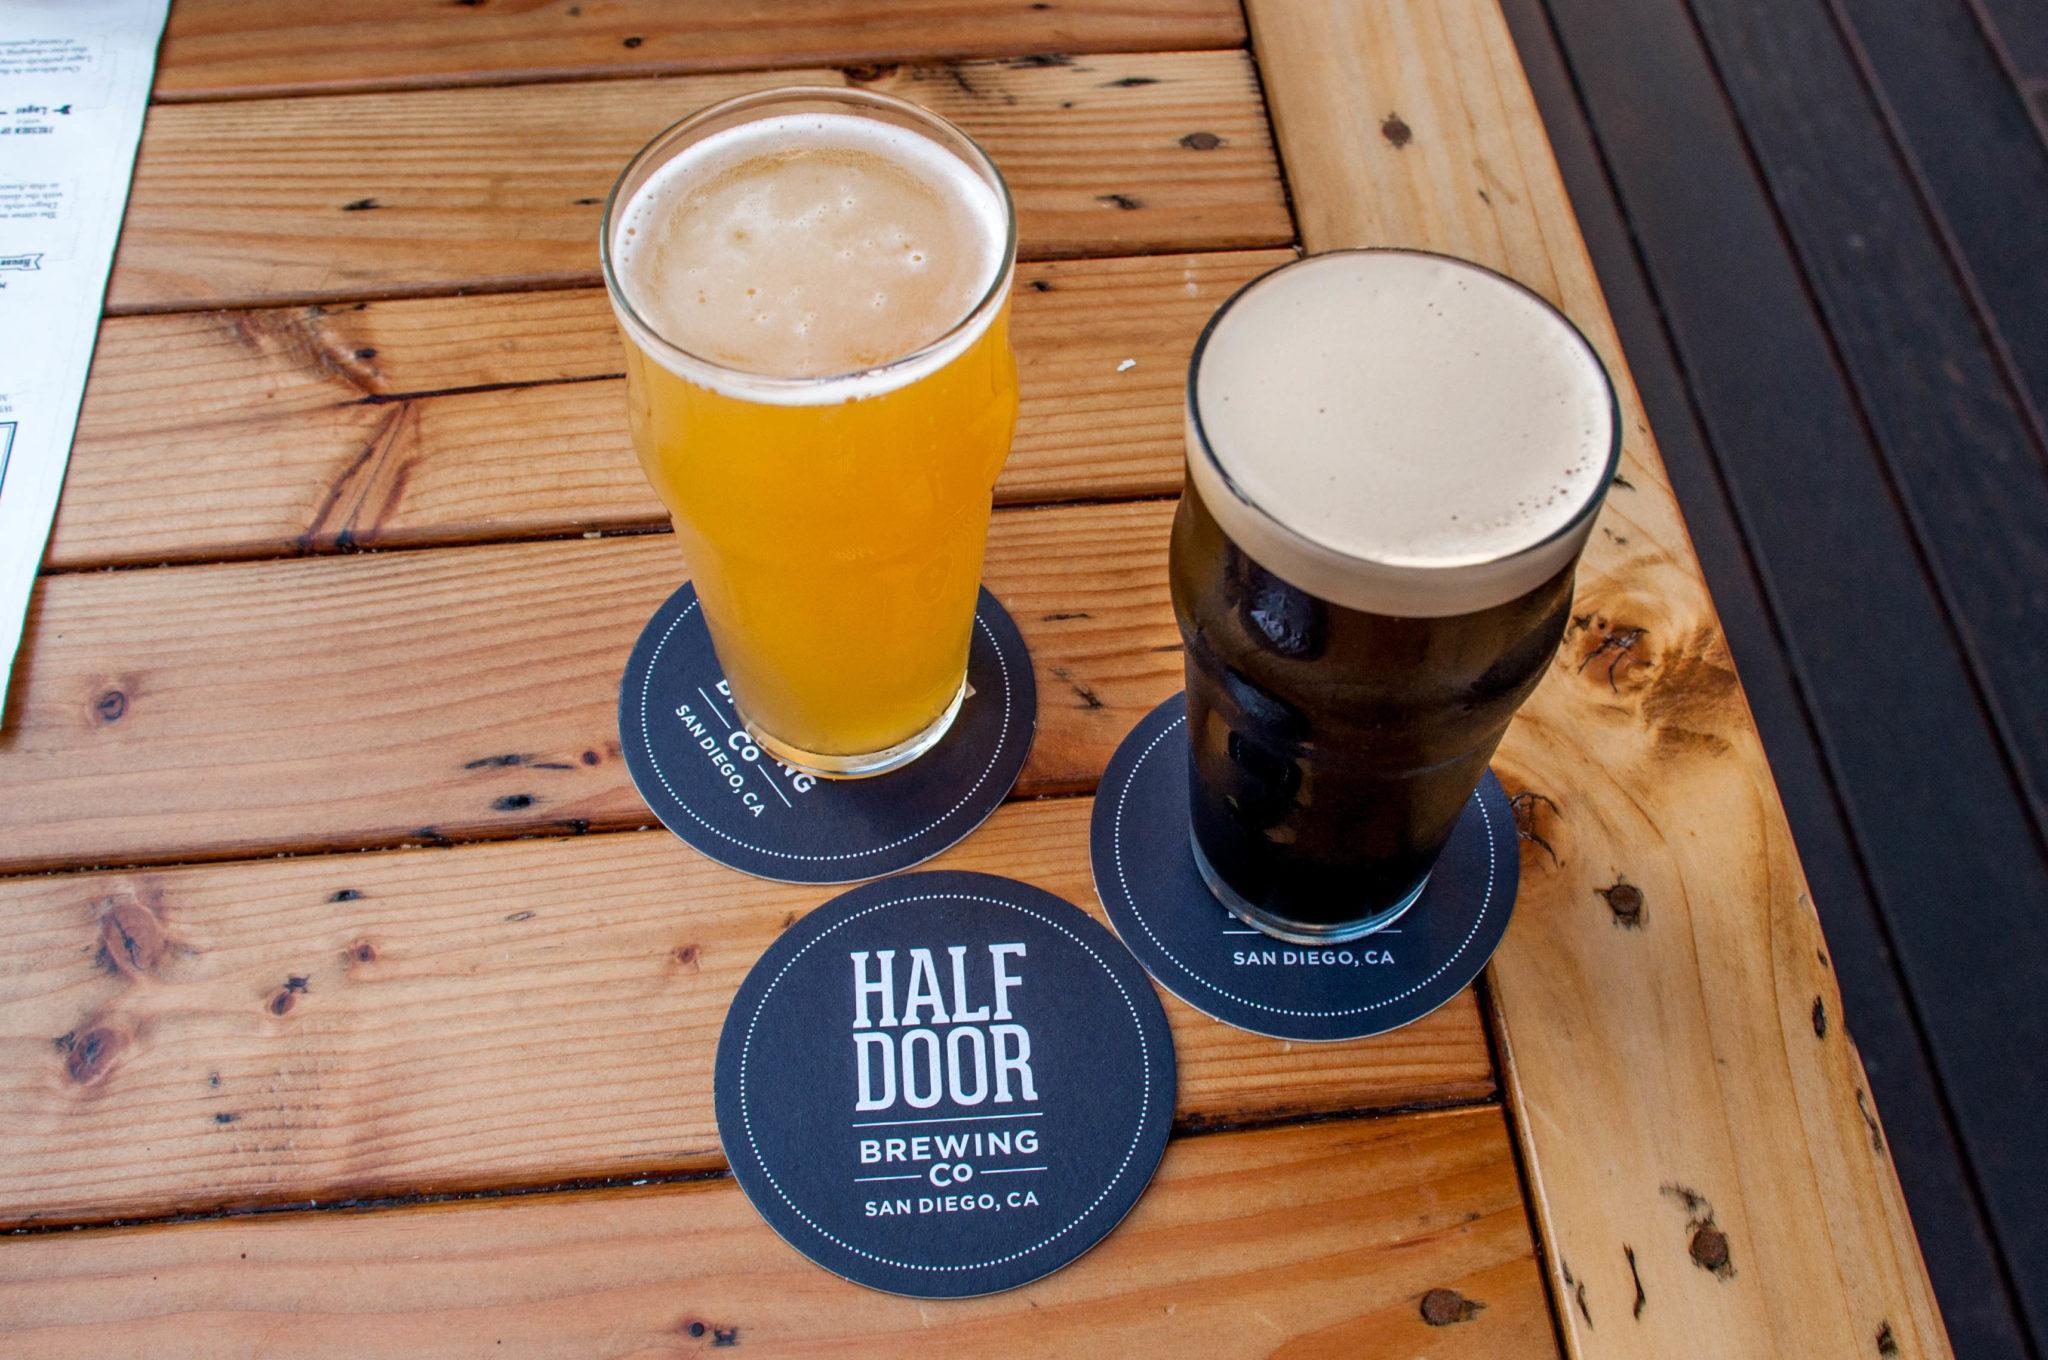 The brews at Half Door Brewing Company in San Diego